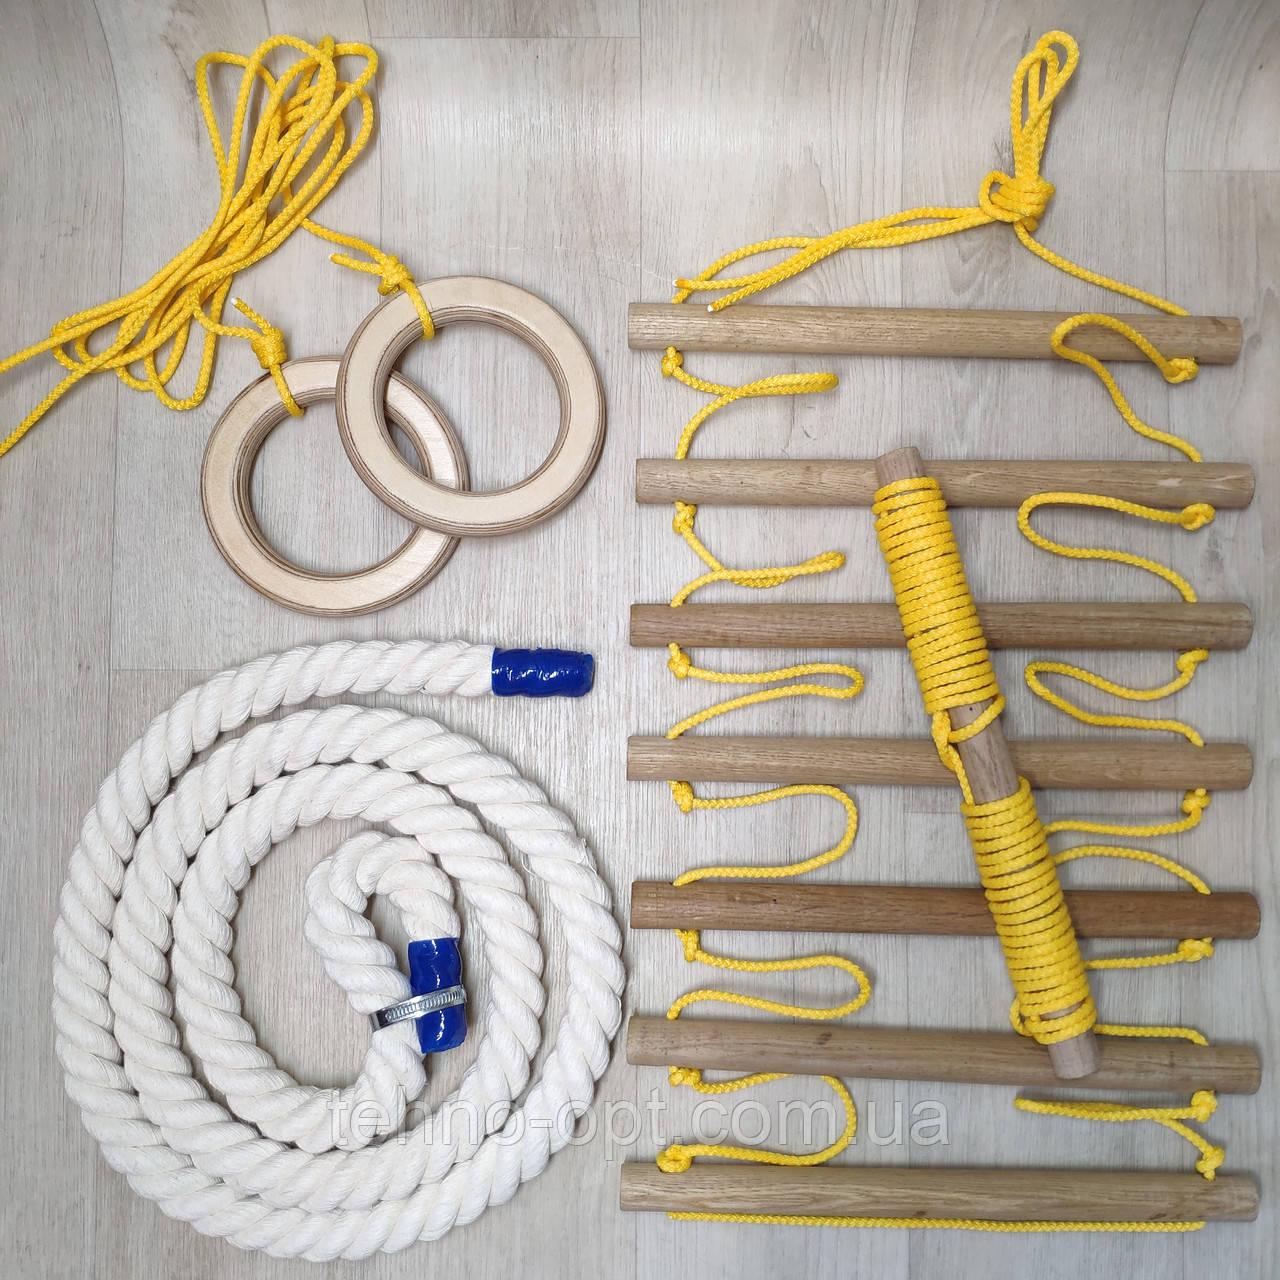 Набор детский желтый  для шведской стенки Канат (хб ) Кольца, Лестница, Трапеция